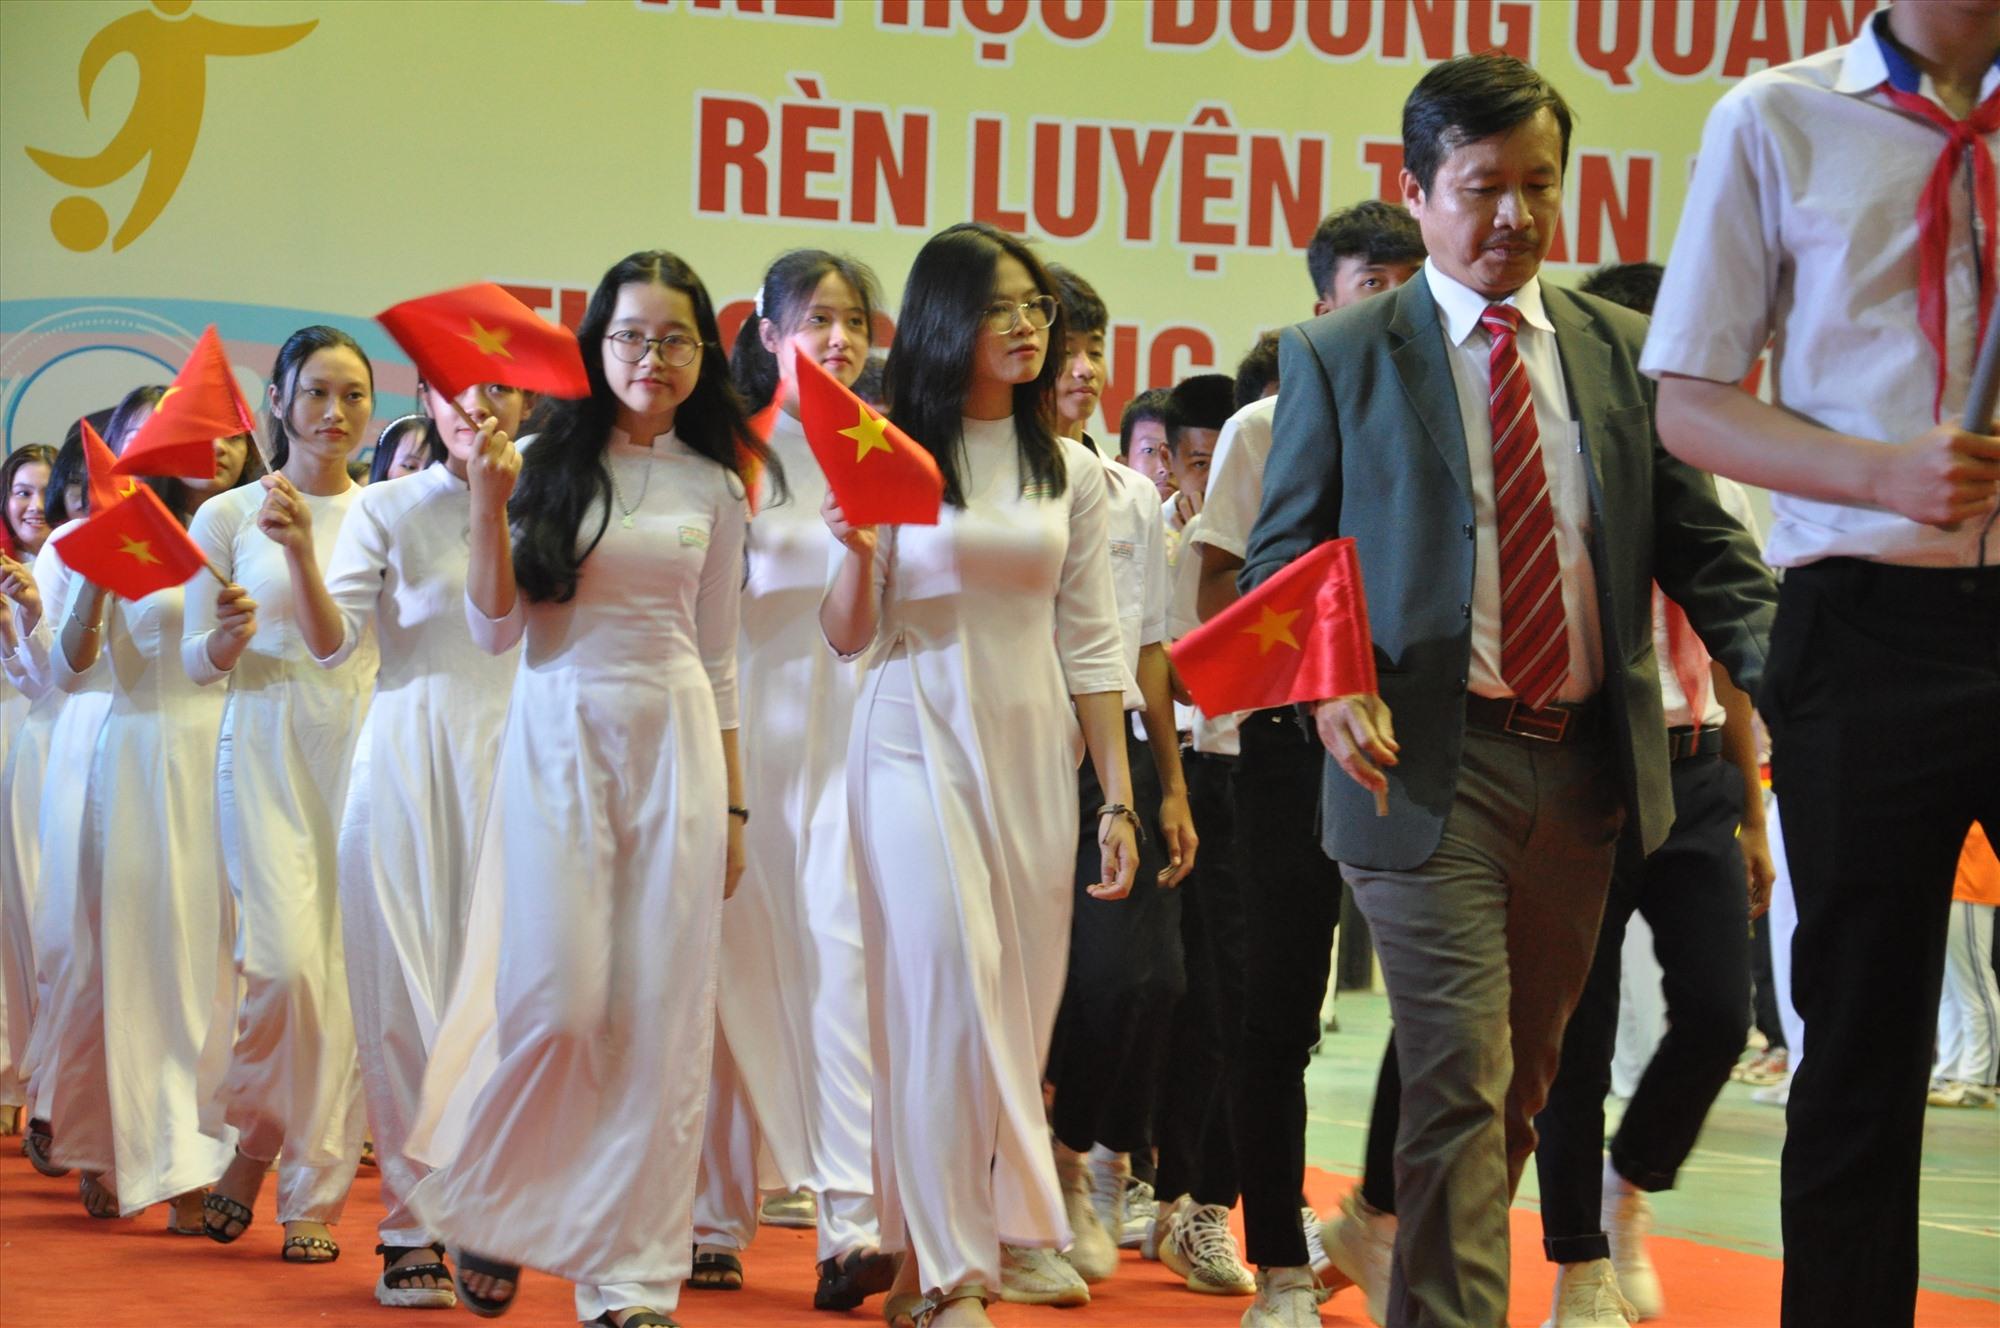 HKPĐ tỉnh năm 2020-2021 thu hút hơn 3.500 VĐV  tham gia. Ảnh: X.P